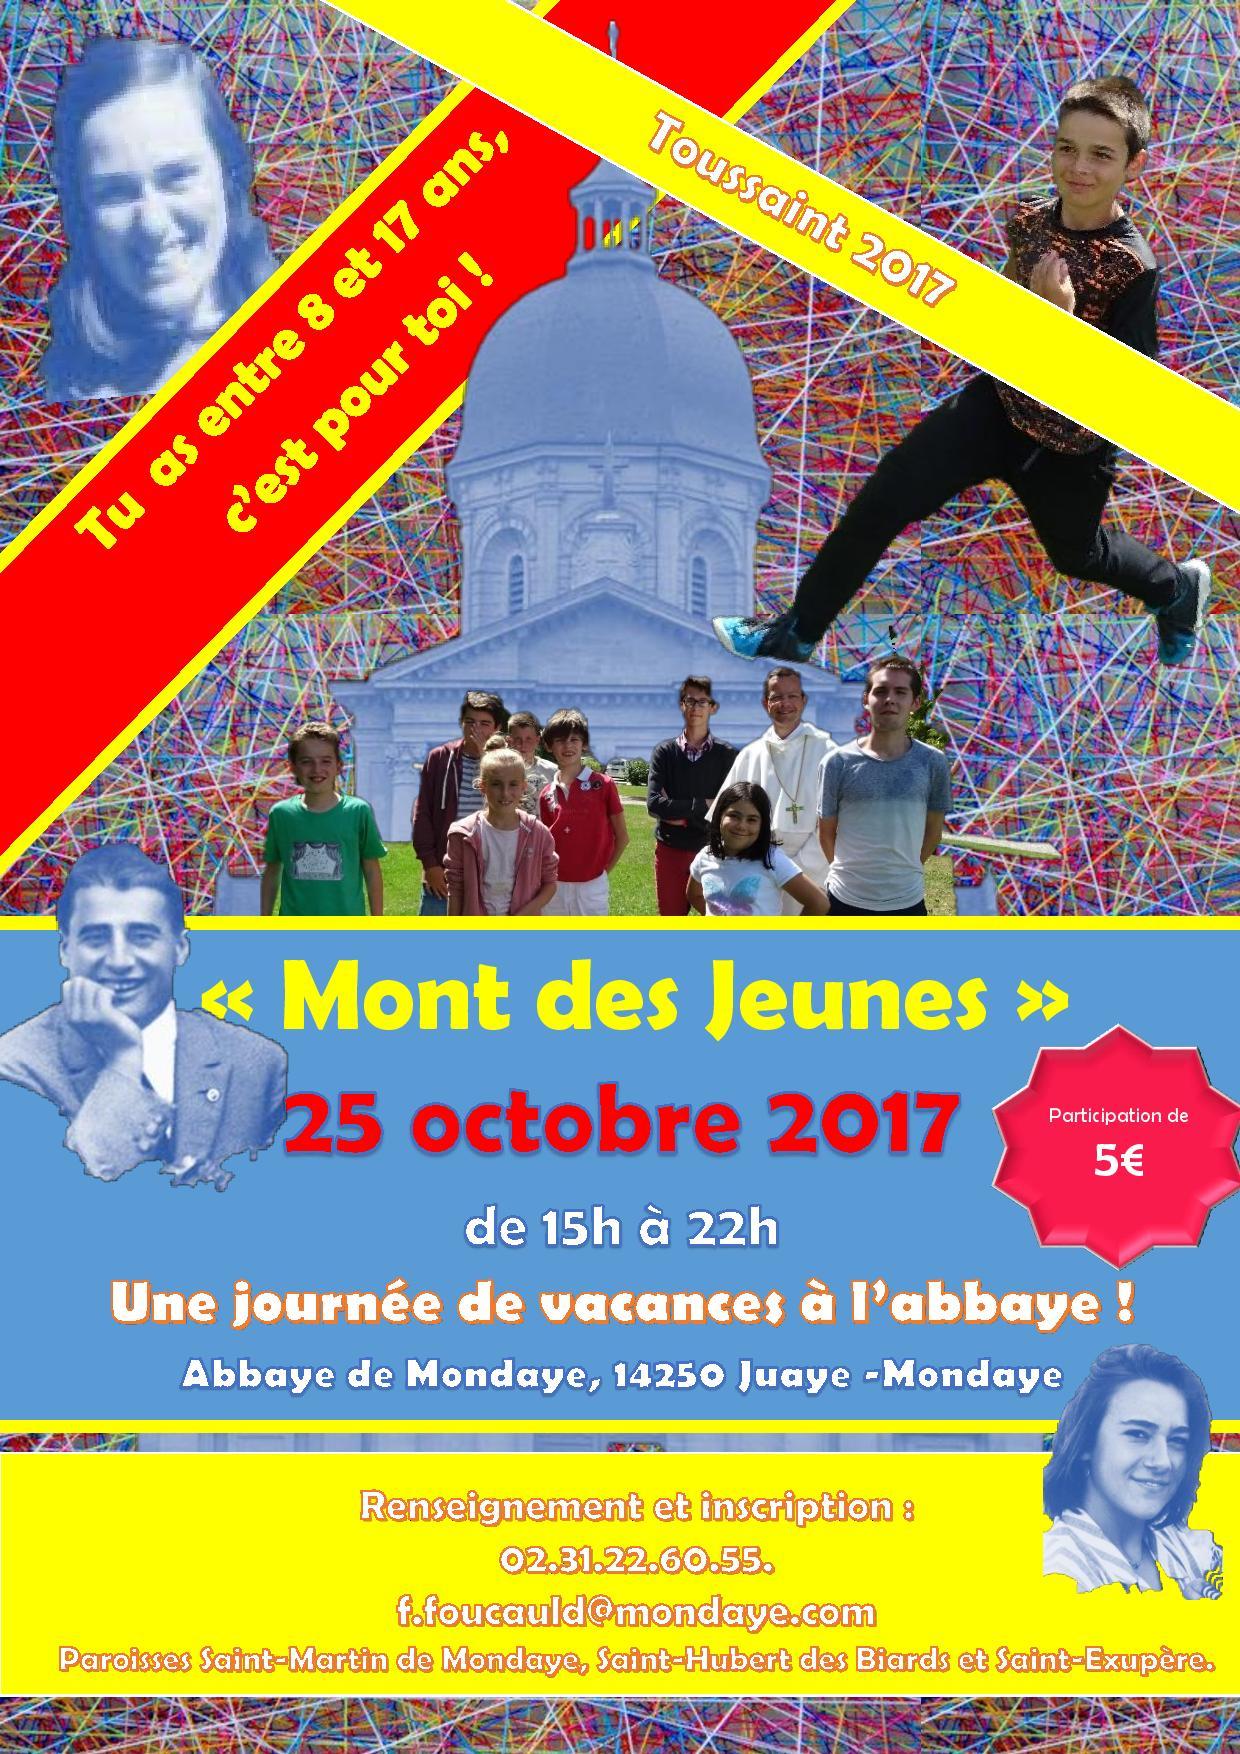 mont_des_jeunes_2017-25-10